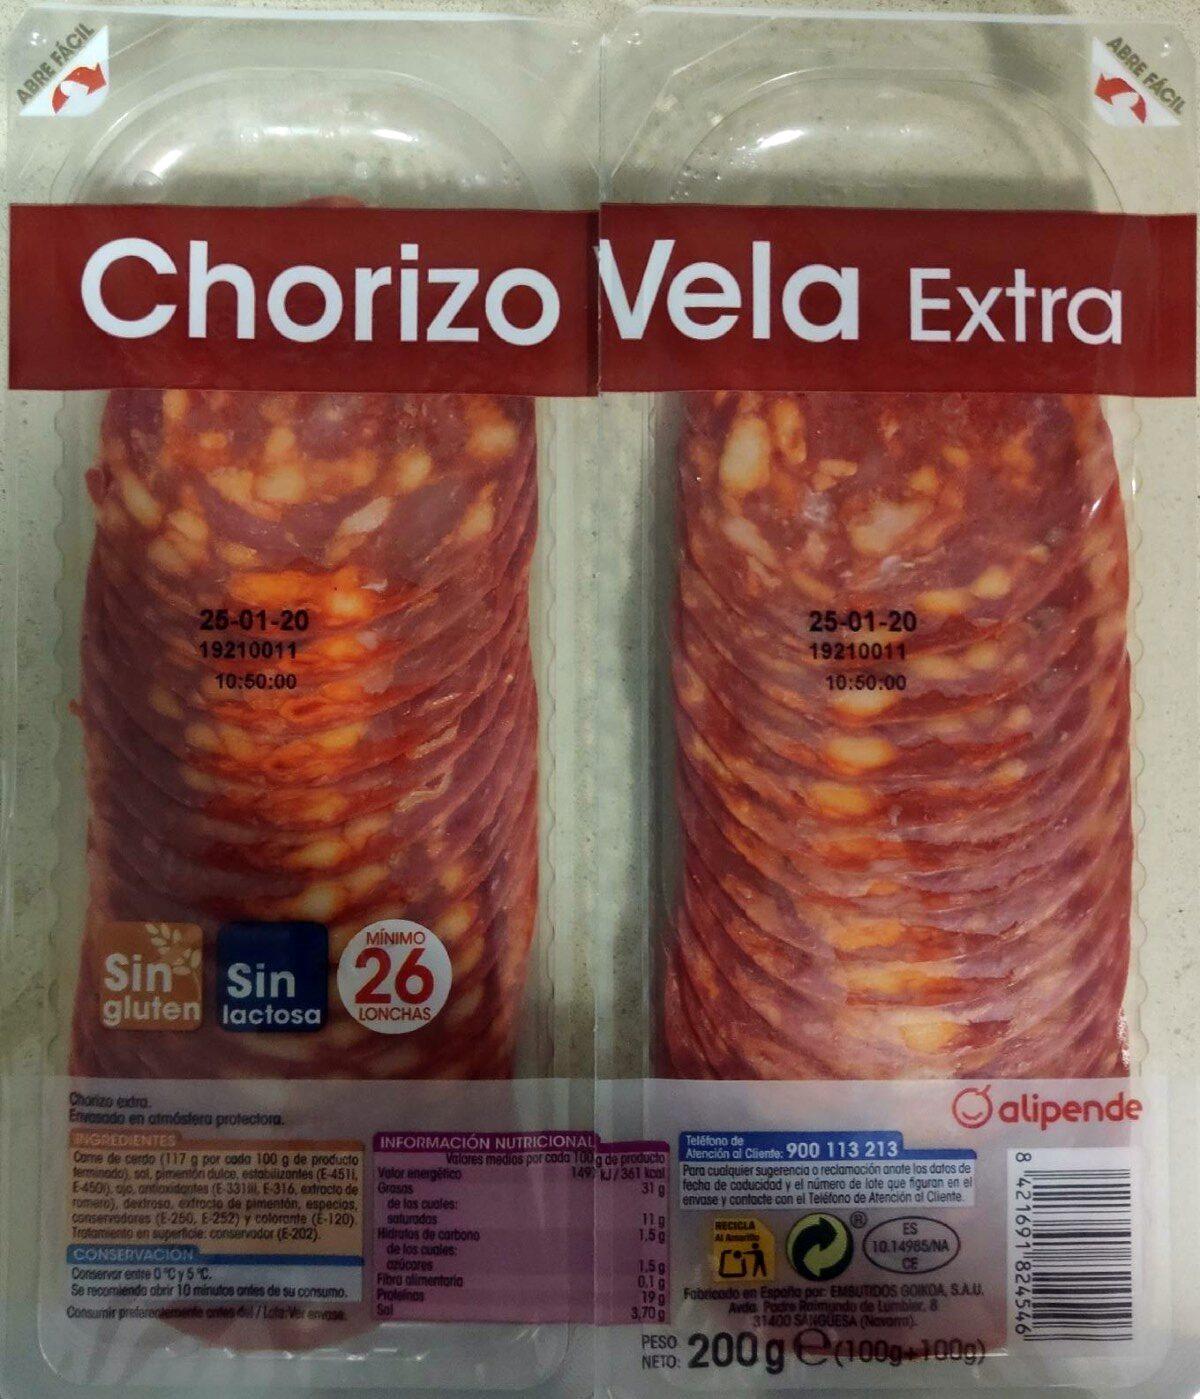 Chorizo vela extra - Product - es